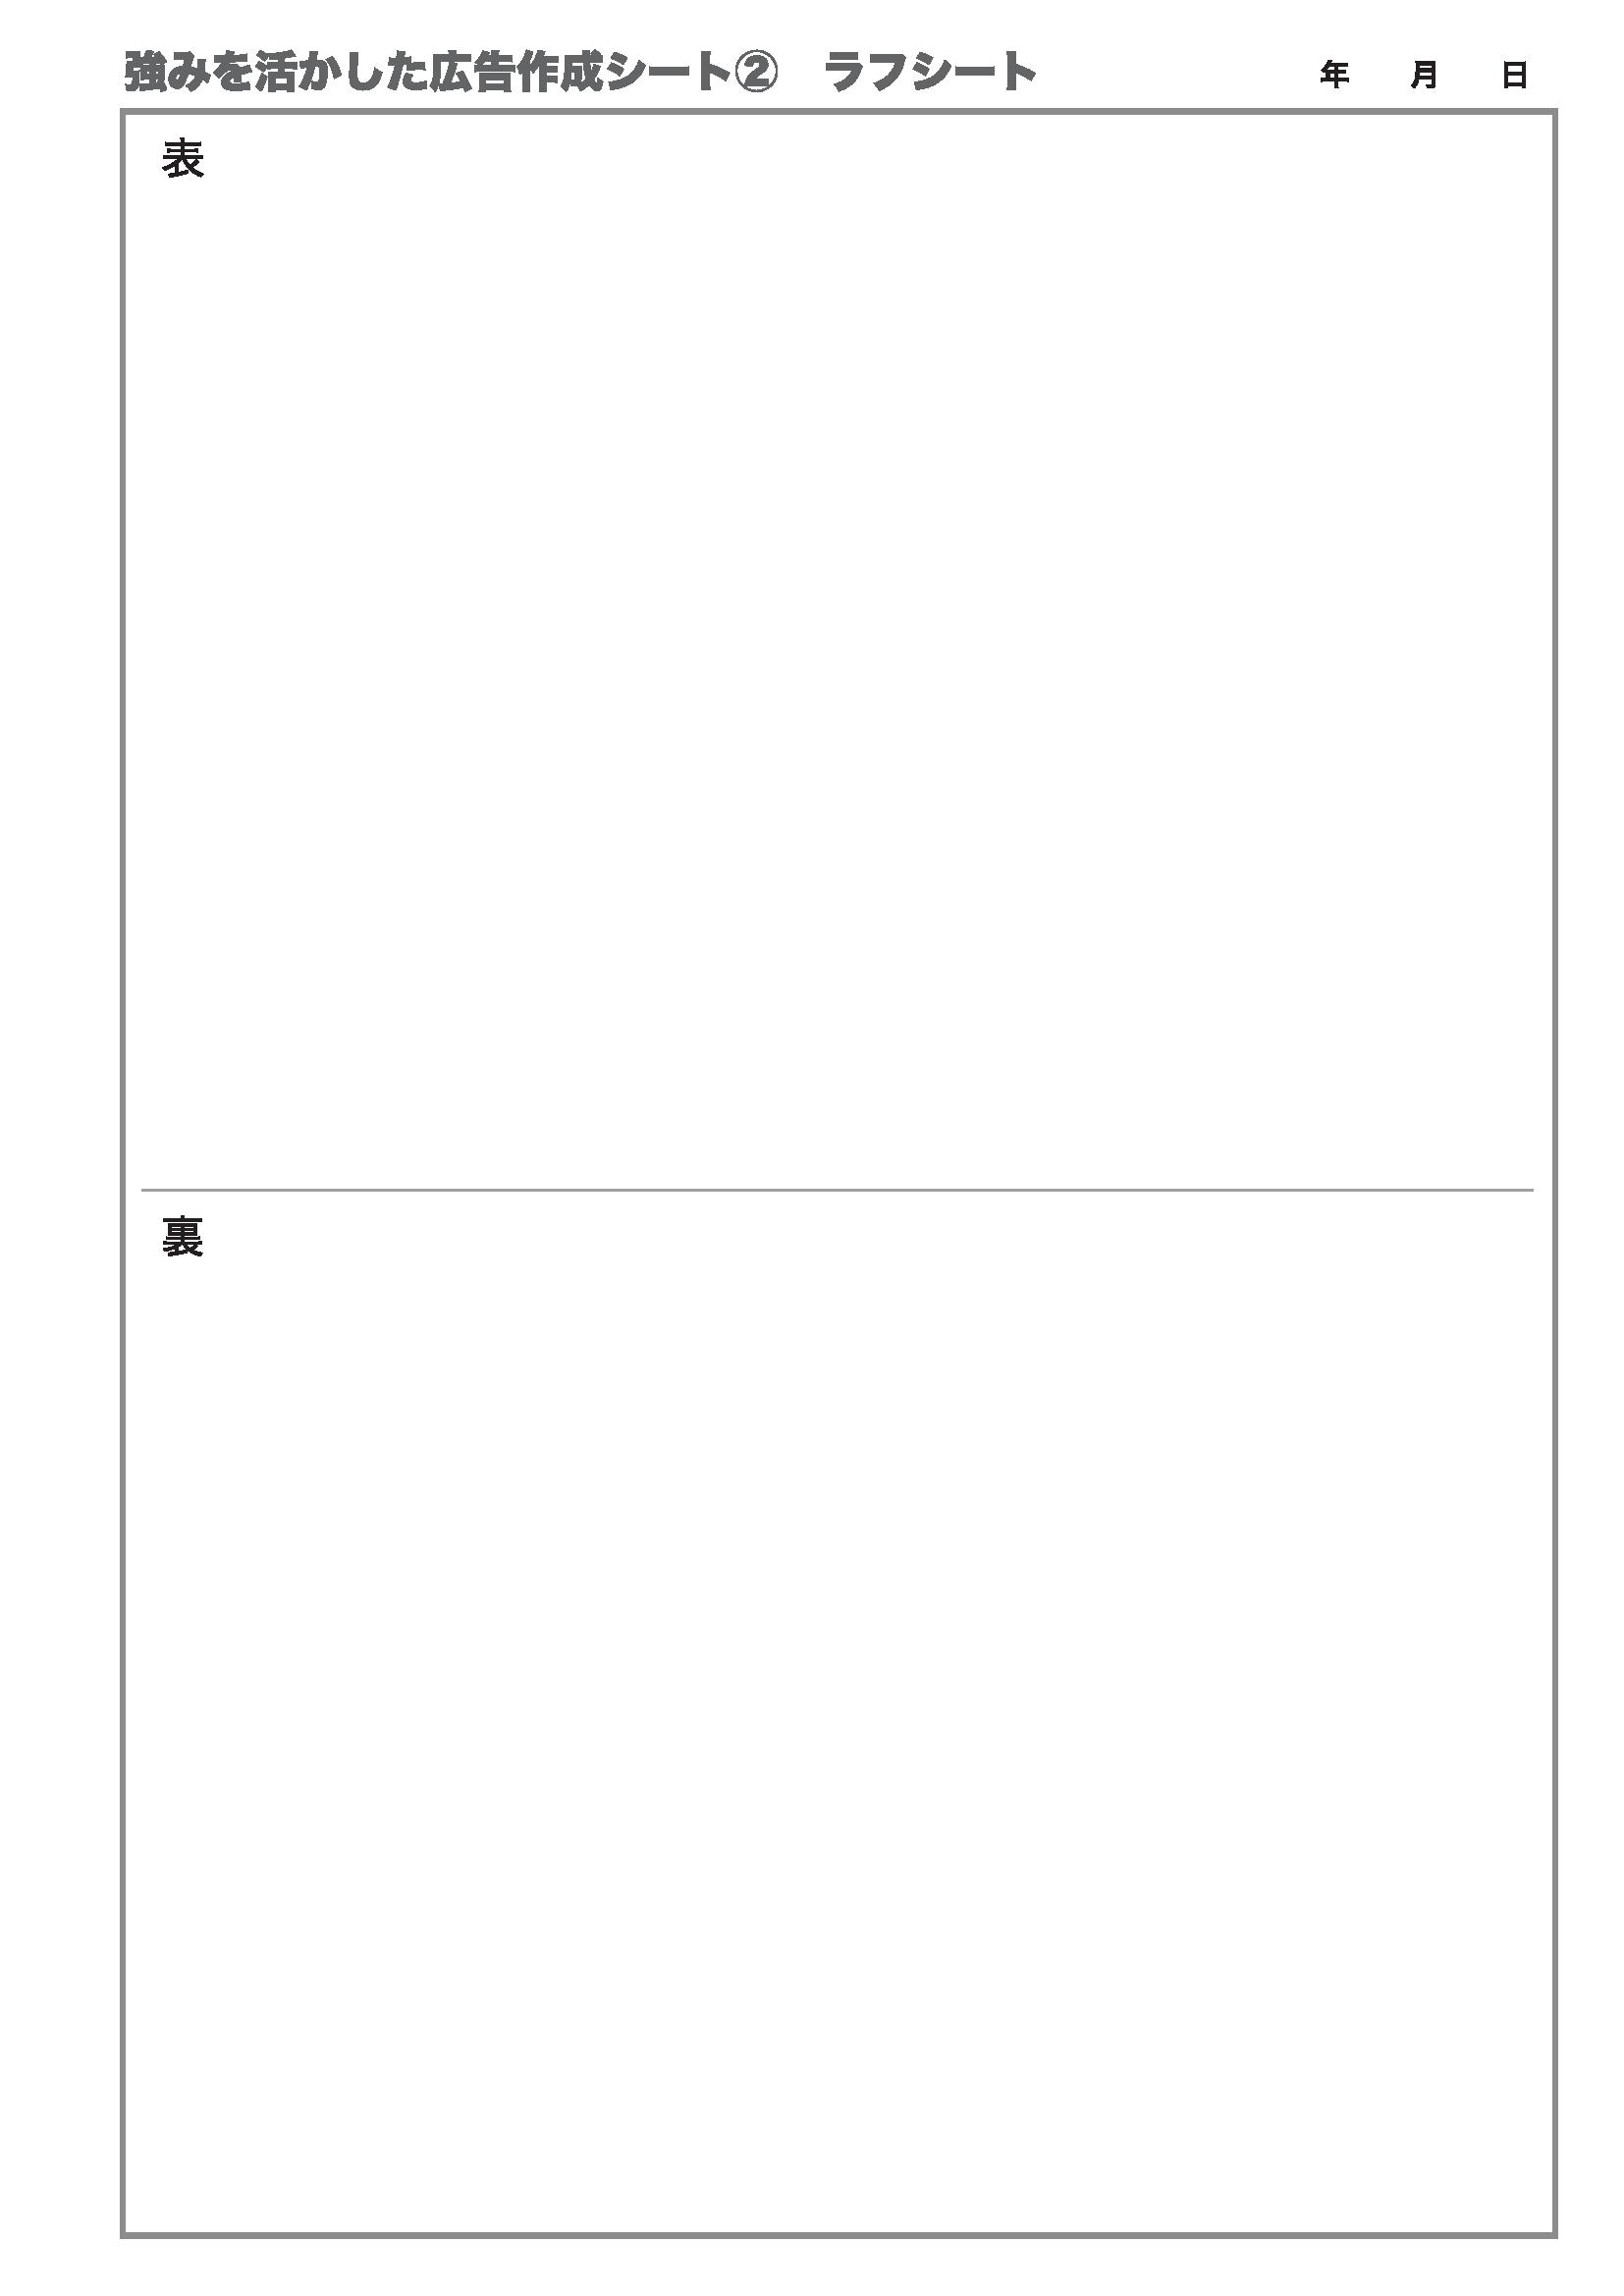 チラシ作成シート (1)_ページ_2